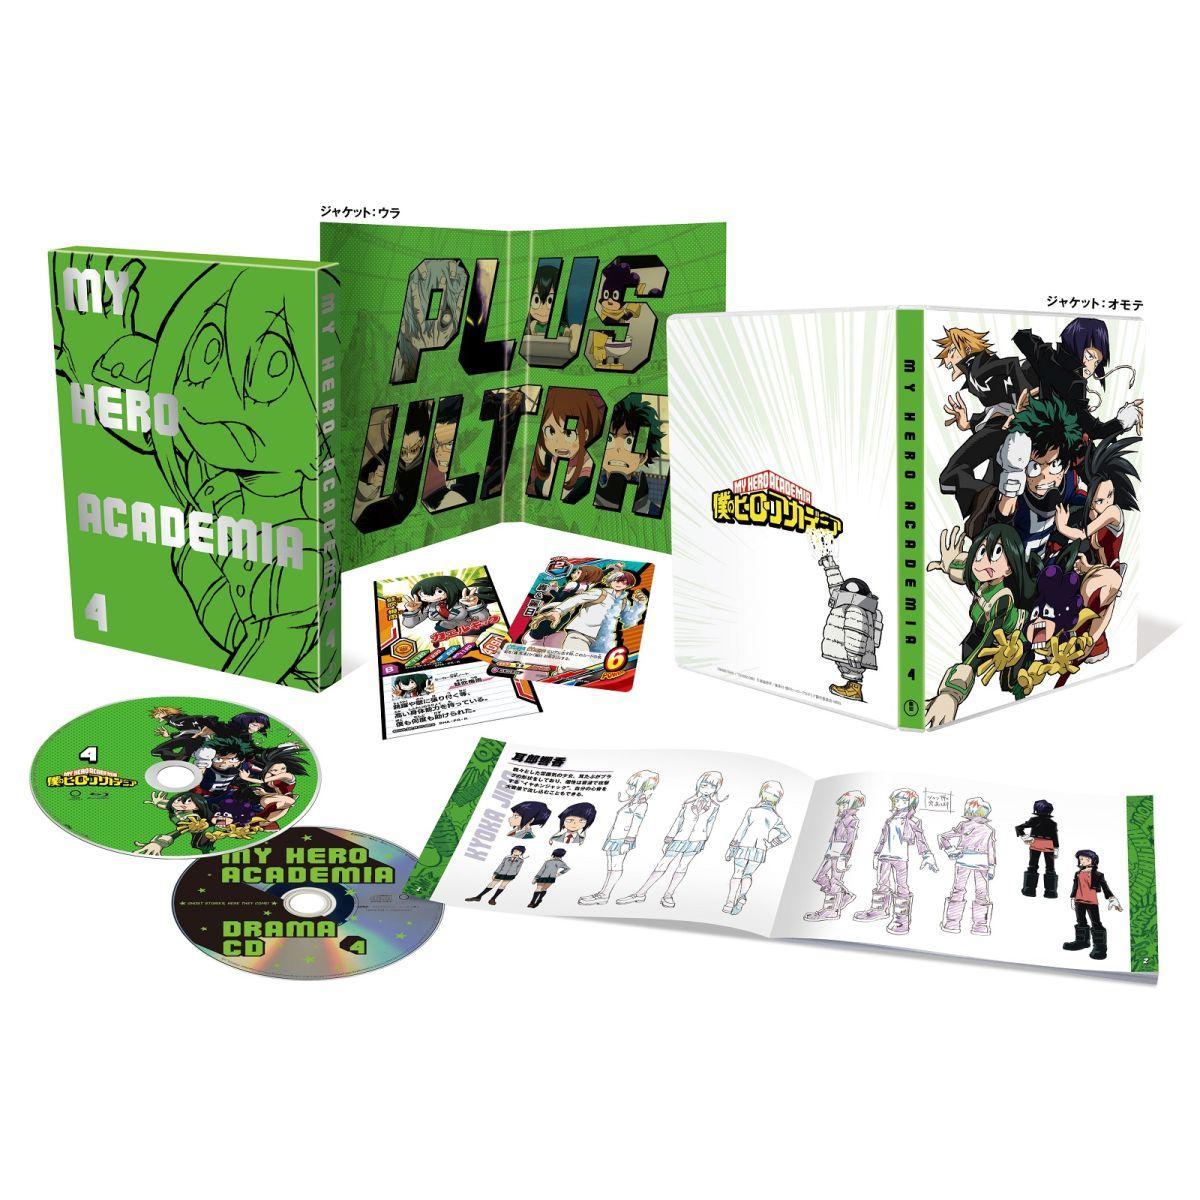 僕のヒーローアカデミア vol.4 DVD[TDV-26109D][DVD] 製品画像